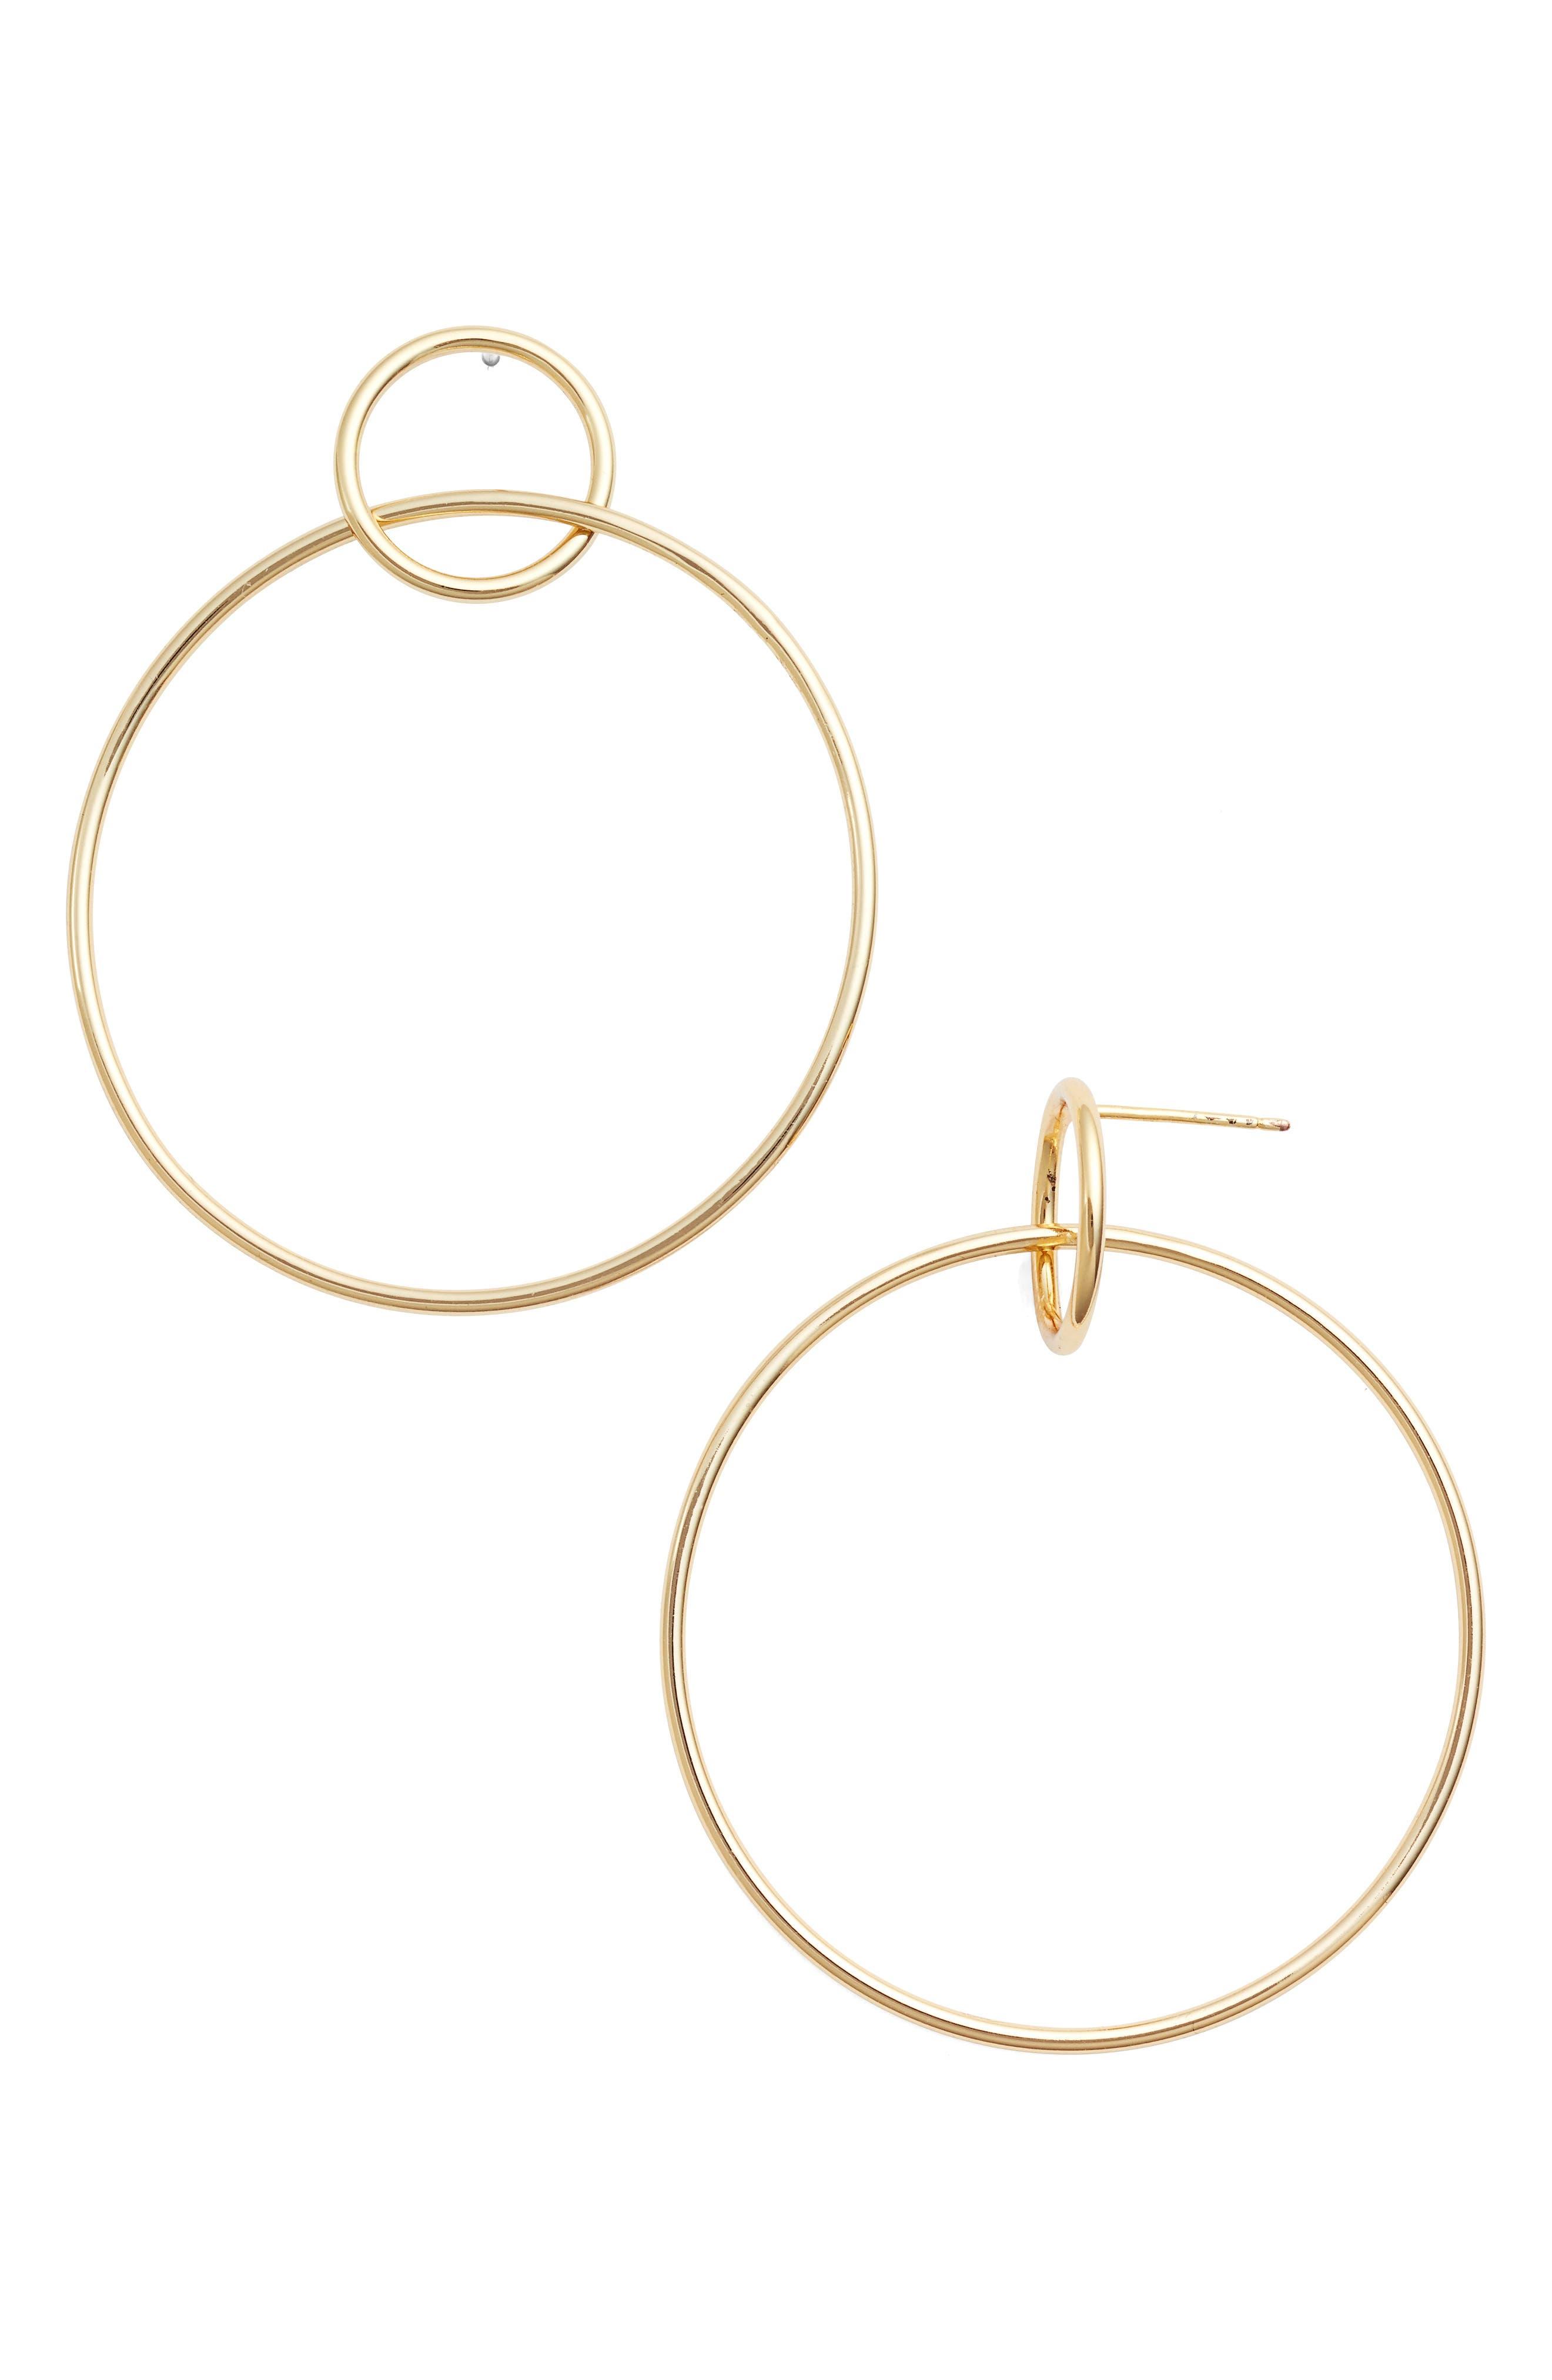 Alternate Image 1 Selected - Jules Smith Circle Hoop Earrings